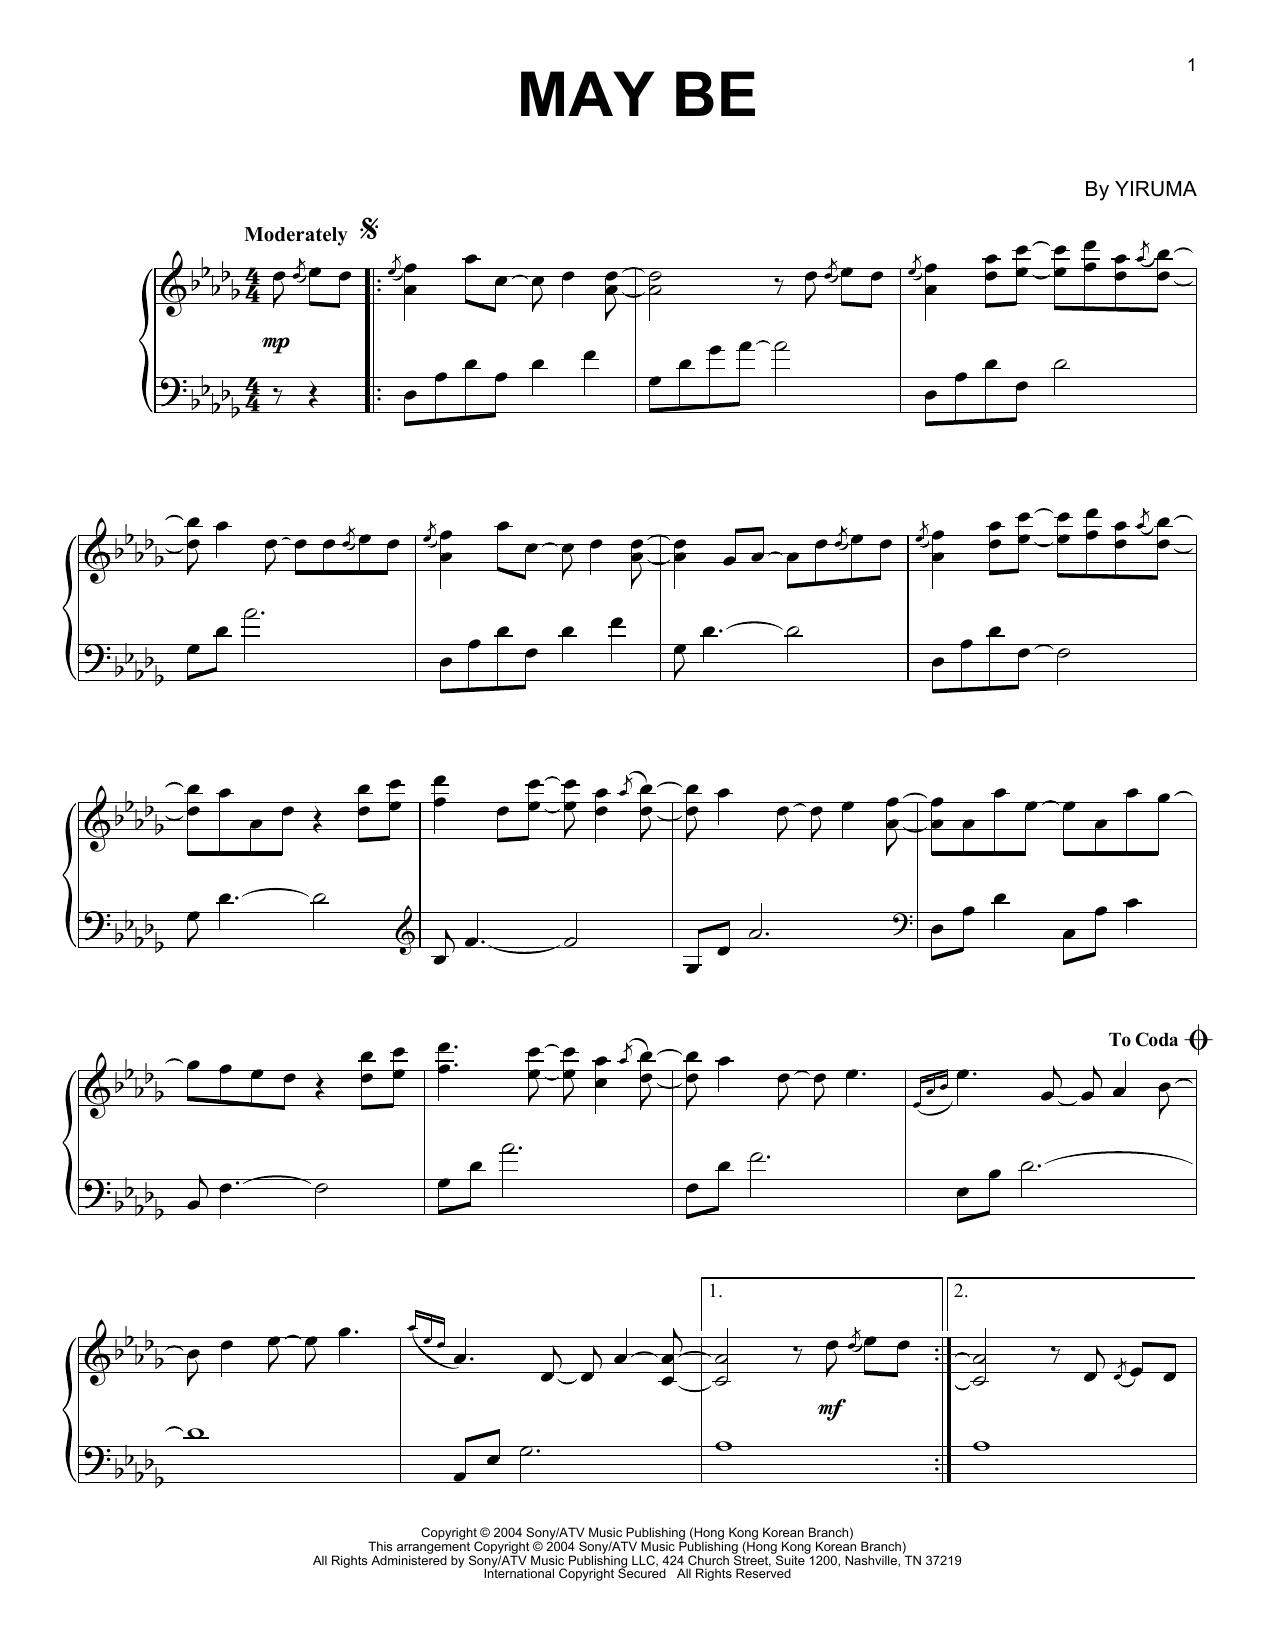 Yiruma May Be sheet music notes and chords. Download Printable PDF.